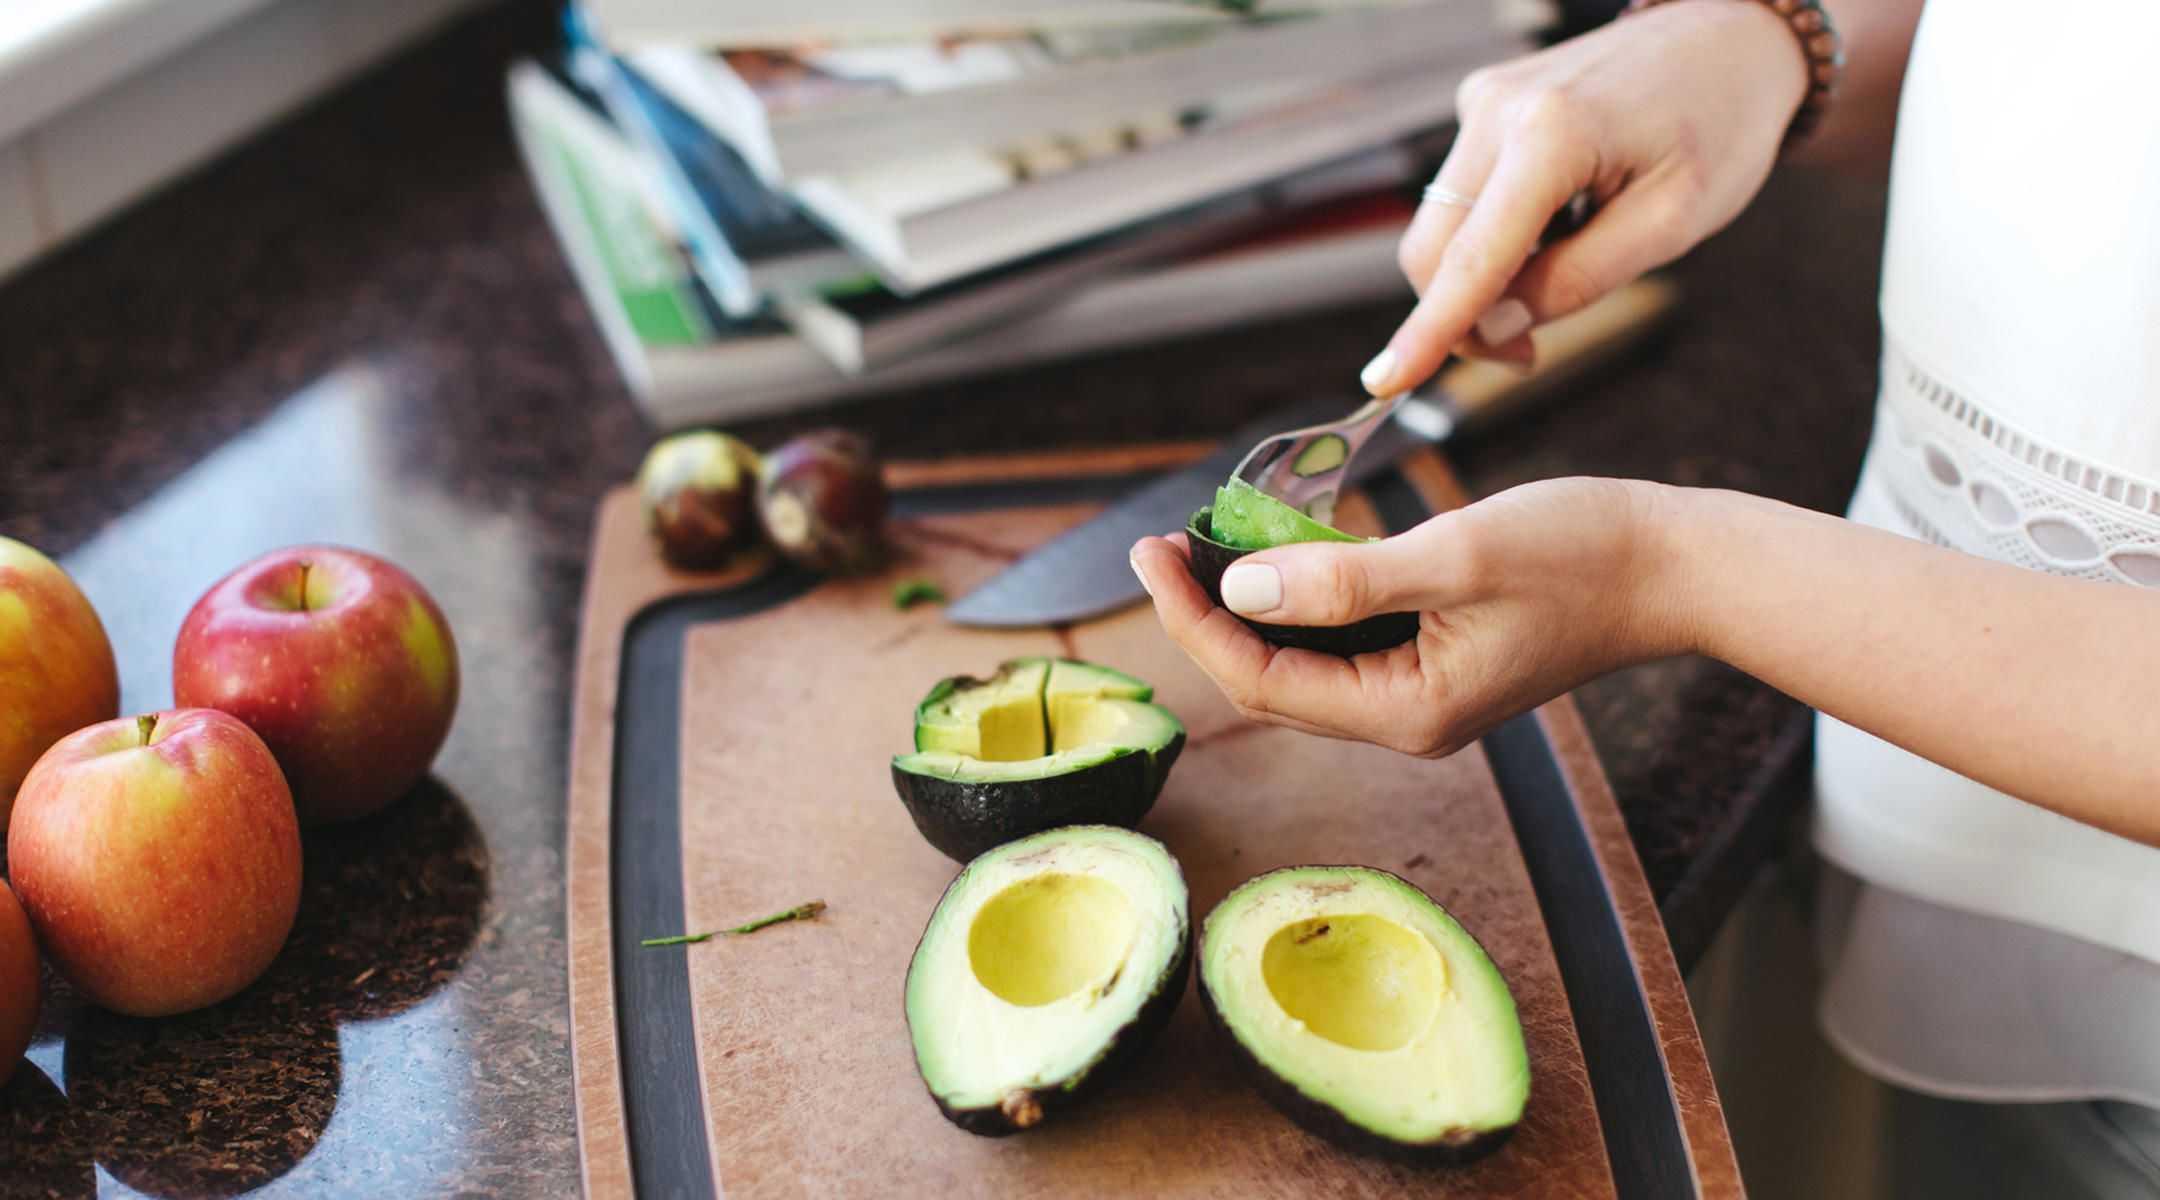 Можно ли есть авокадо при беременности? авокадо при беременности: польза и вред, особенности употребления